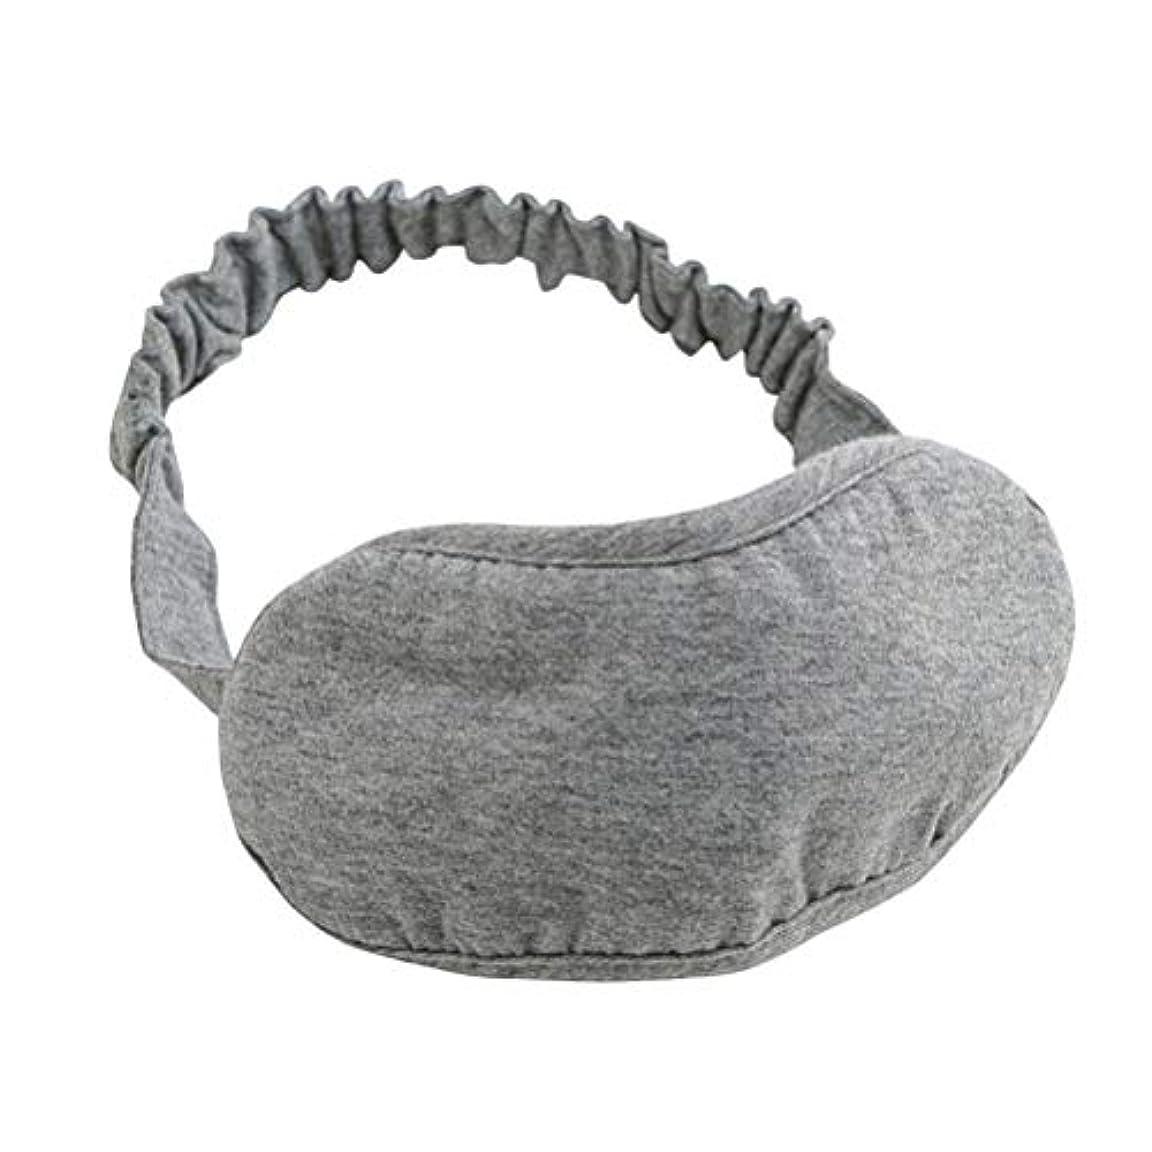 ビジネス機械的ファンシーSUPVOX 睡眠マスクコットンアイマスク厚手の目隠しアイカバー女性のための子供たちの子供ホームベッド旅行のフライトカーキャンプオフィス使用(グレー)